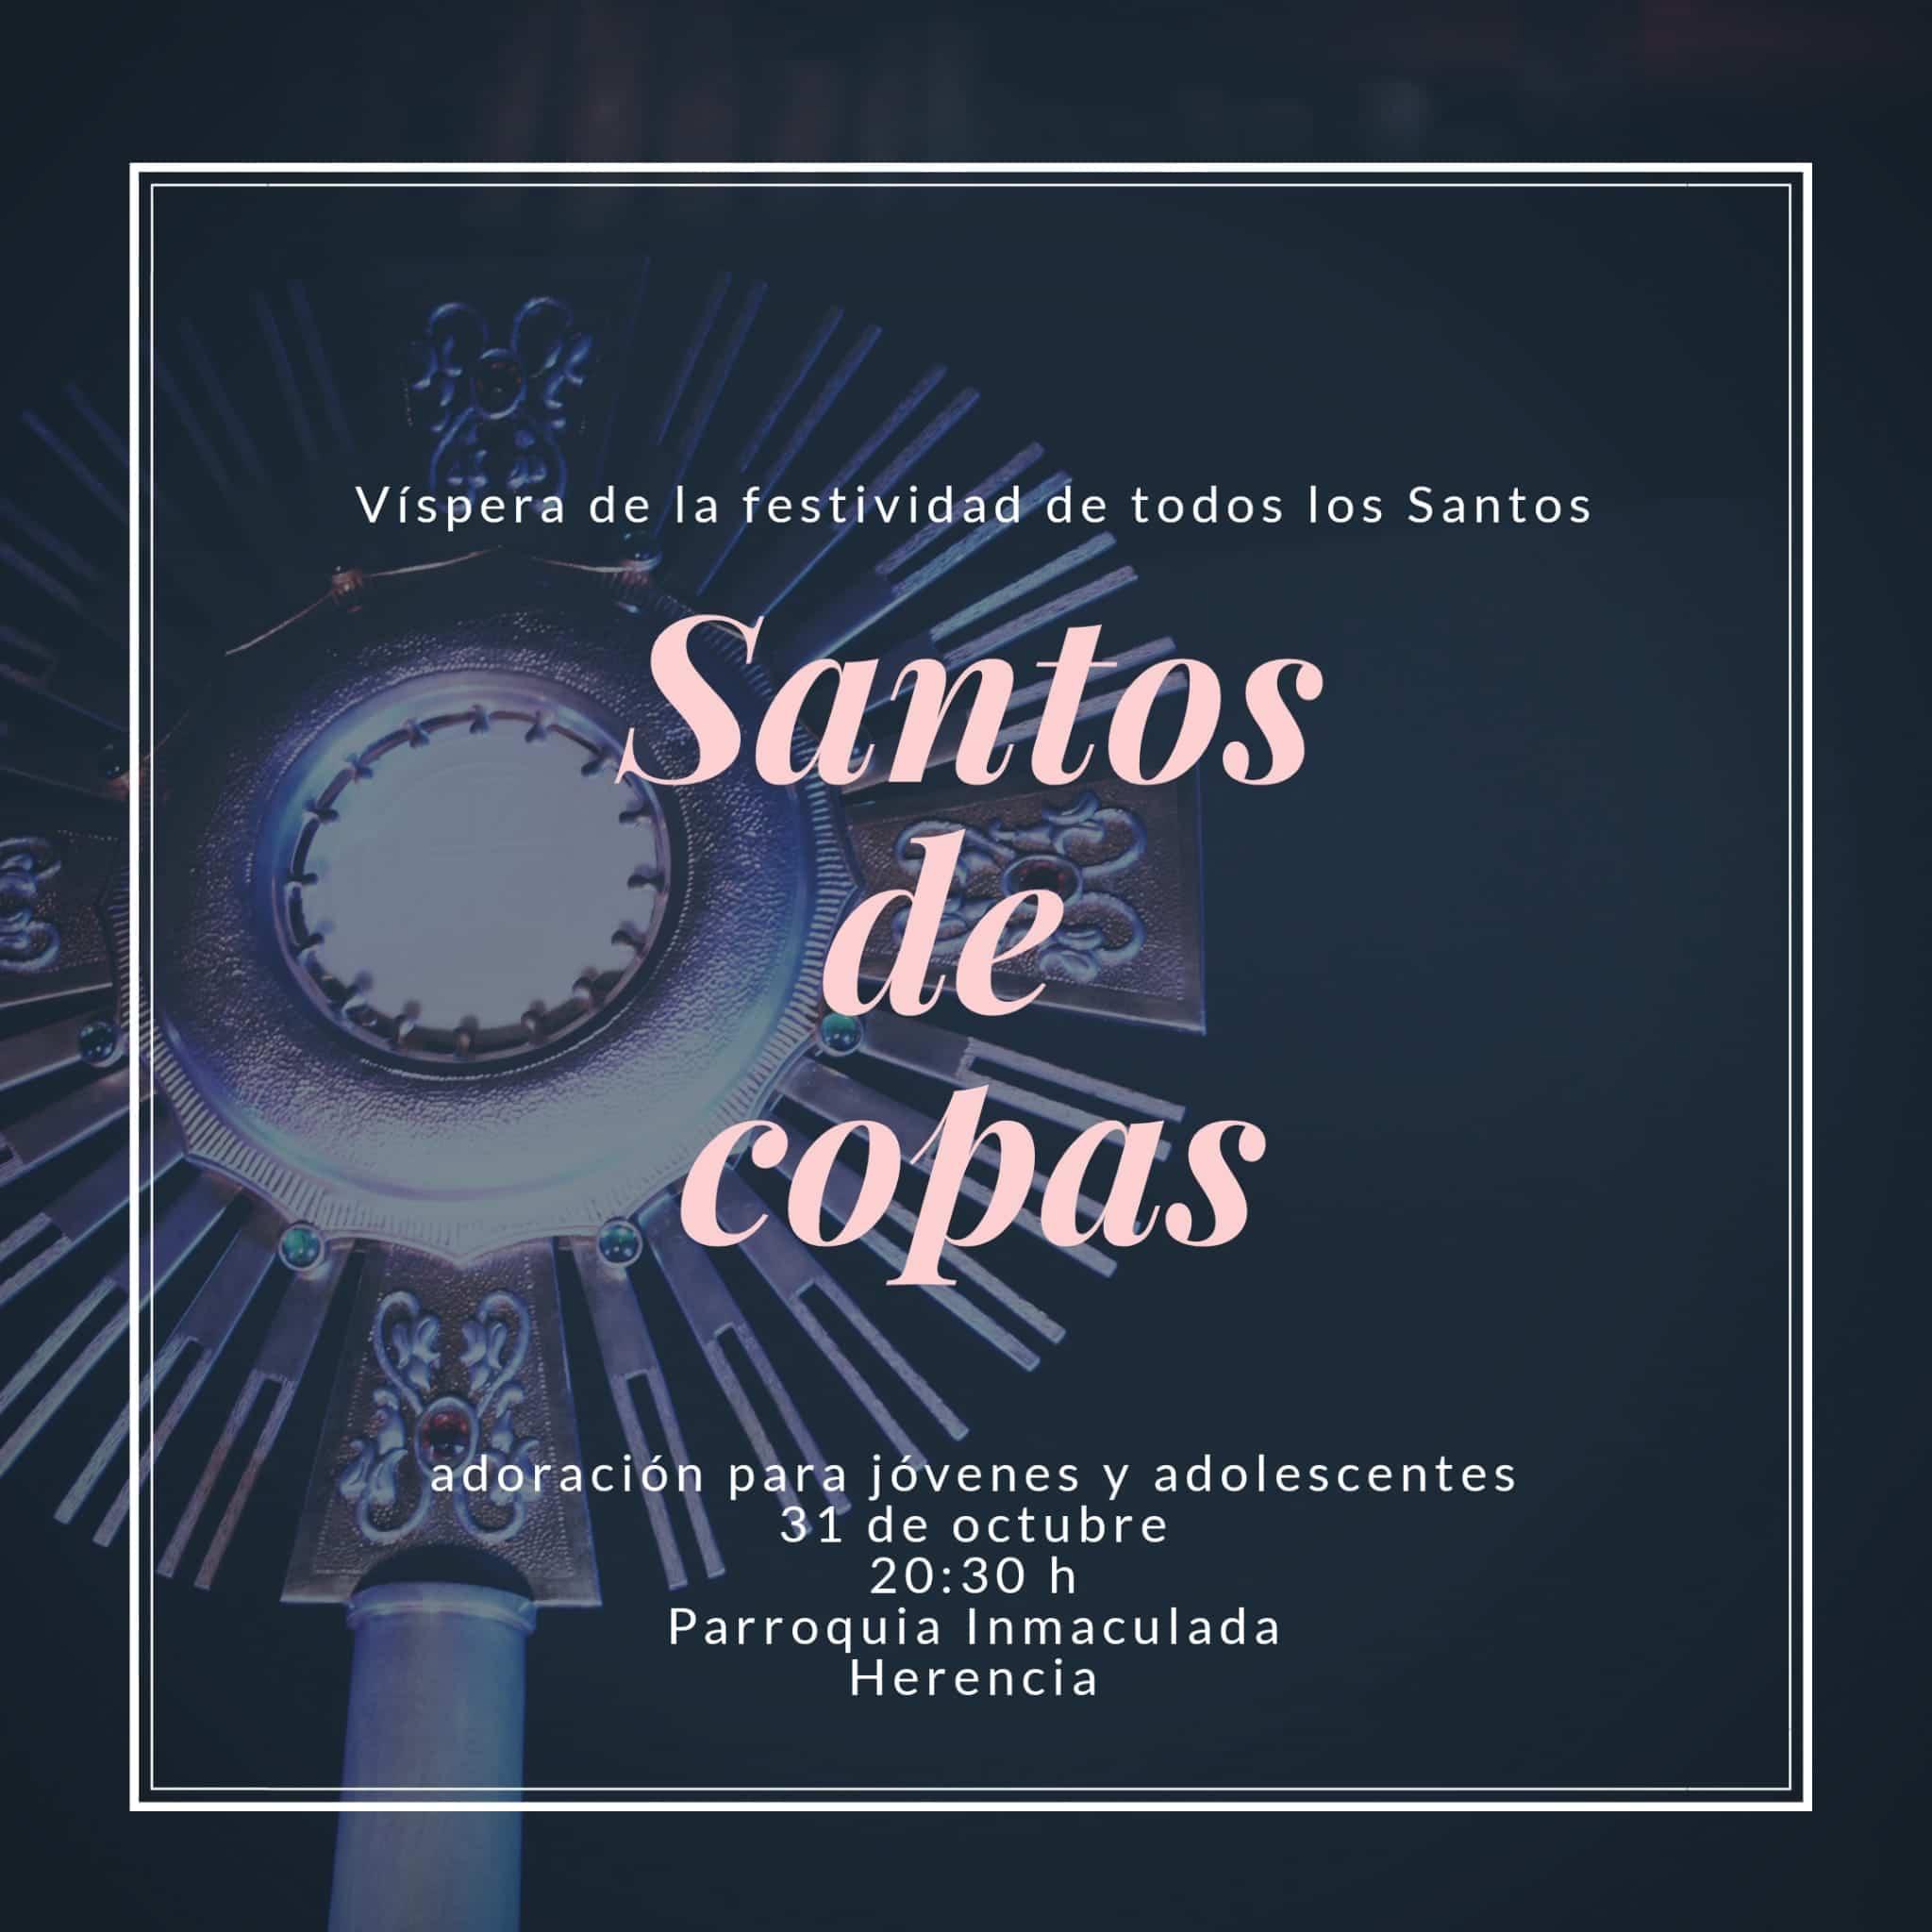 SANTOS DE COPAS EN LA PARROQUIA - Celebración del Rosario de Ánimas y otras actividades del mes de las ánimas en Herencia